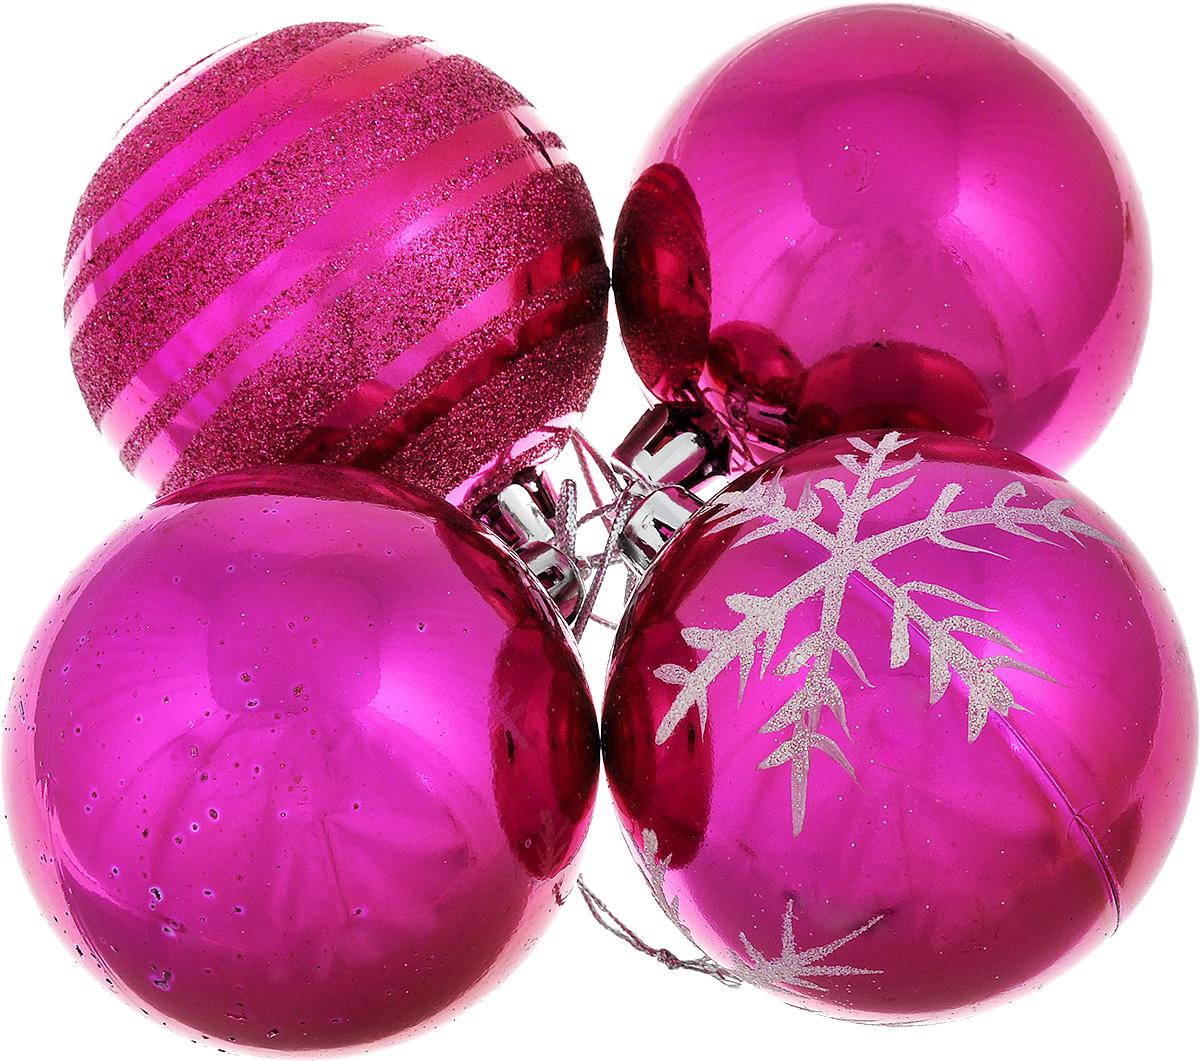 Набор новогодних подвесных украшений EuroHouse Everyday Holiday, цвет: фуксия, диаметр 7 см, 4 штЕХ7358_фуксияНабор новогодних подвесных украшений EuroHouse Everyday Holiday прекрасно подойдет для праздничного декора новогодней ели. Набор состоит из 4 пластиковых украшений в виде глянцевых шаров, некоторые из которых оформлены блестками. Для удобного размещения на елке для каждого украшения предусмотрена текстильная петелька. Елочная игрушка - символ Нового года. Она несет в себе волшебство и красоту праздника. Создайте в своем доме атмосферу веселья и радости, украшая новогоднюю елку нарядными игрушками, которые будут из года в год накапливать теплоту воспоминаний. Откройте для себя удивительный мир сказок и грез. Почувствуйте волшебные минуты ожидания праздника, создайте новогоднее настроение вашим дорогим и близким.